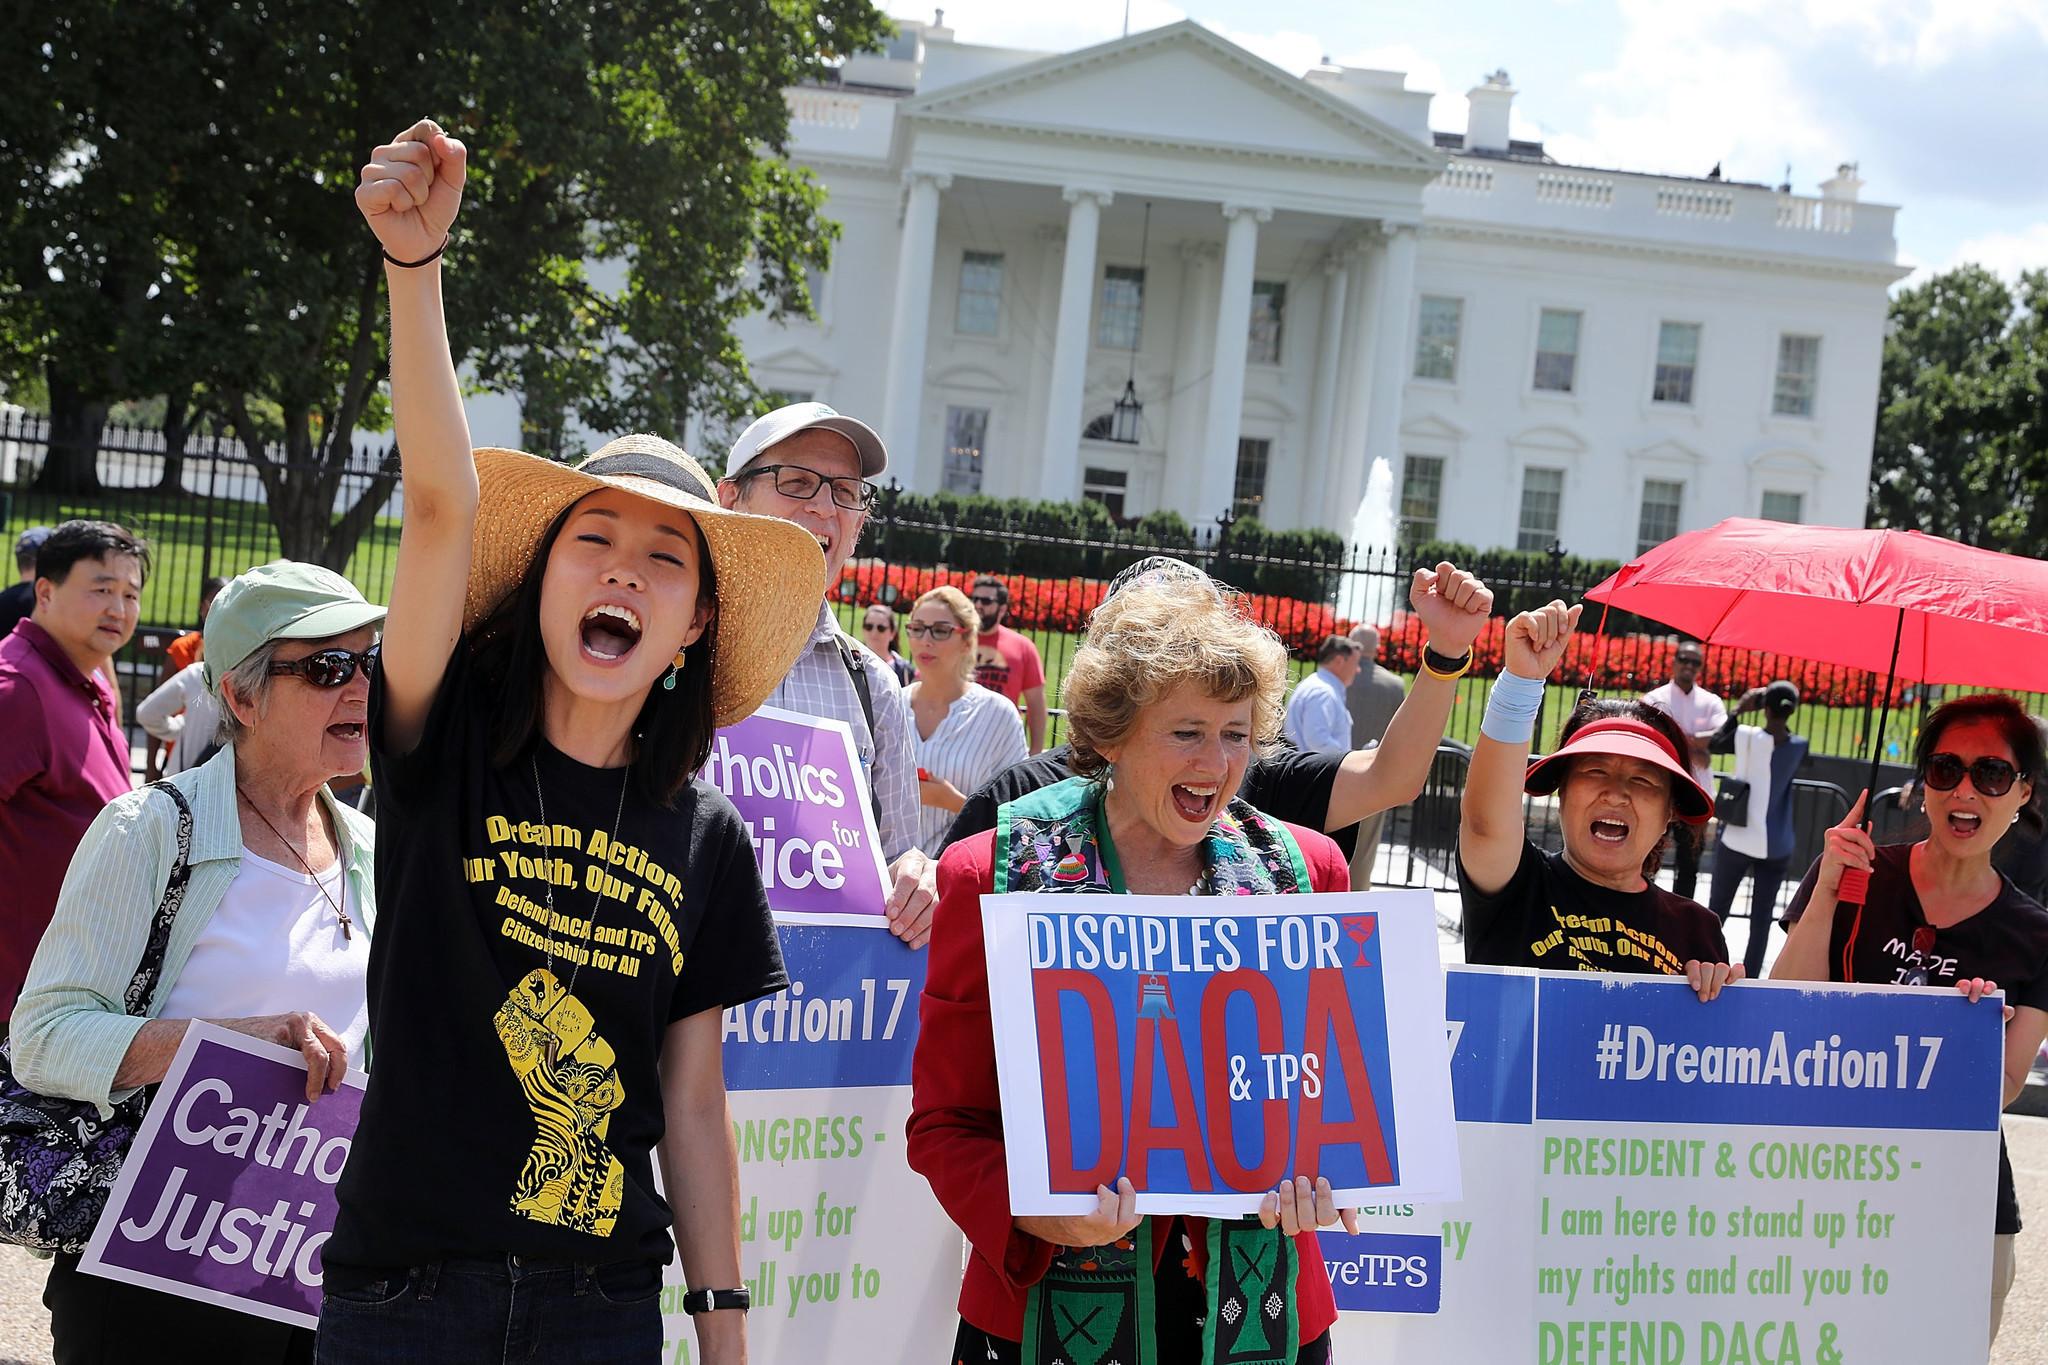 El proyecto DACA (Acción Diferida para los Llegados en la Infancia) fue impulsado en 2012 por el ex presidente, Barack Obama,